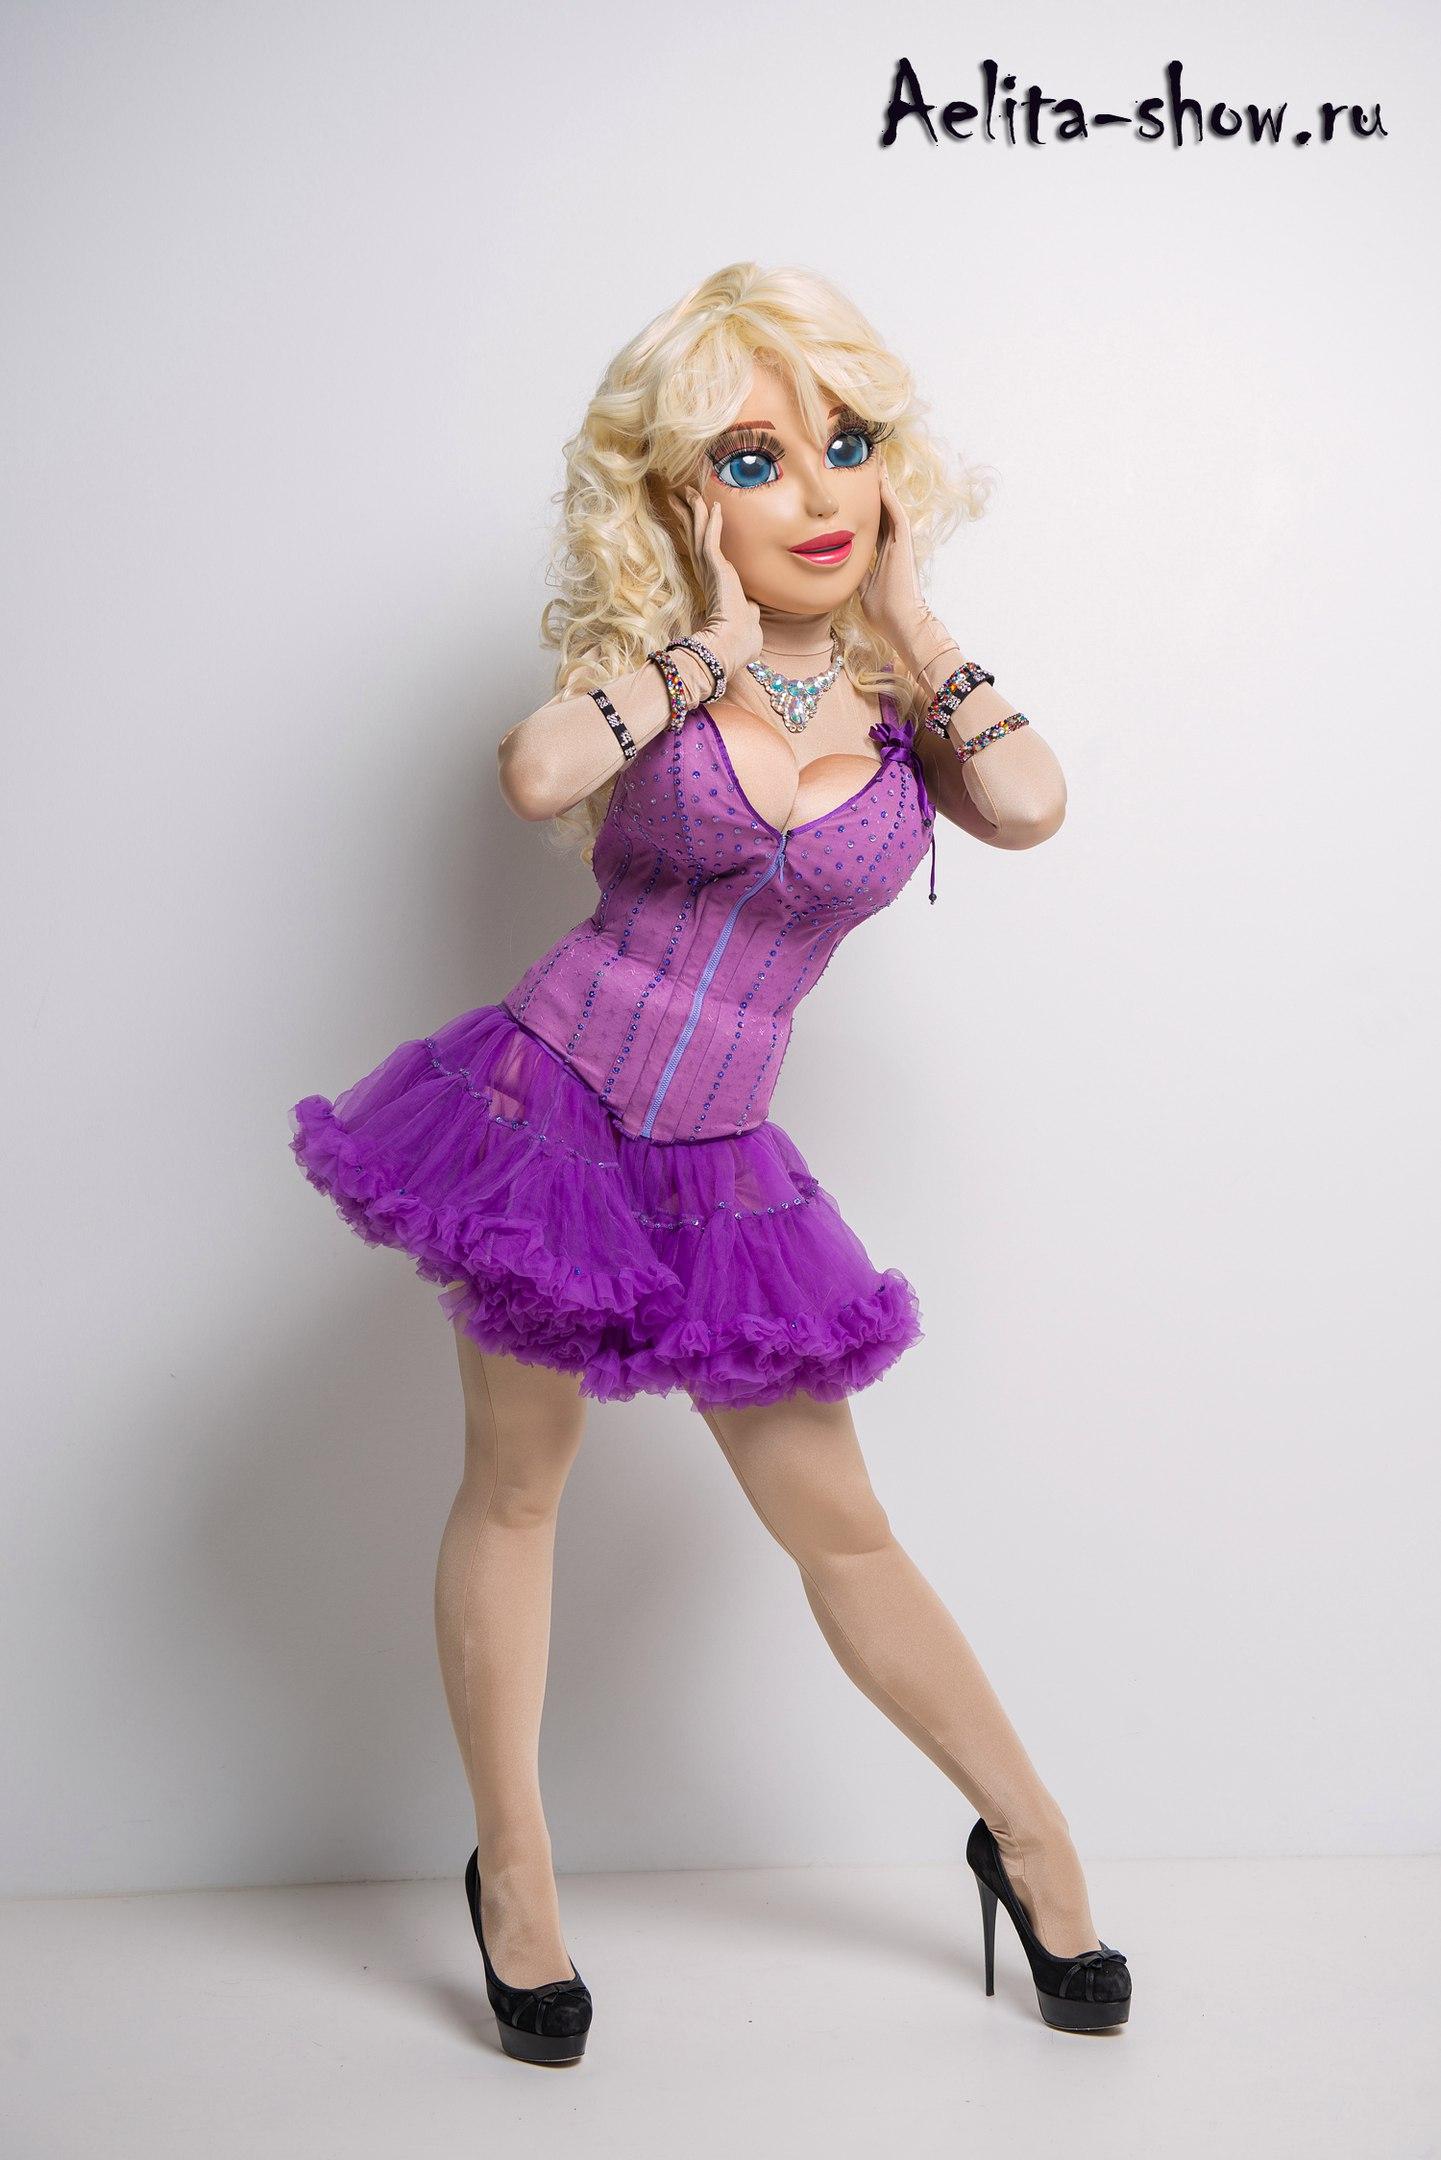 женский стриптиз - Ростовая кукла Барби